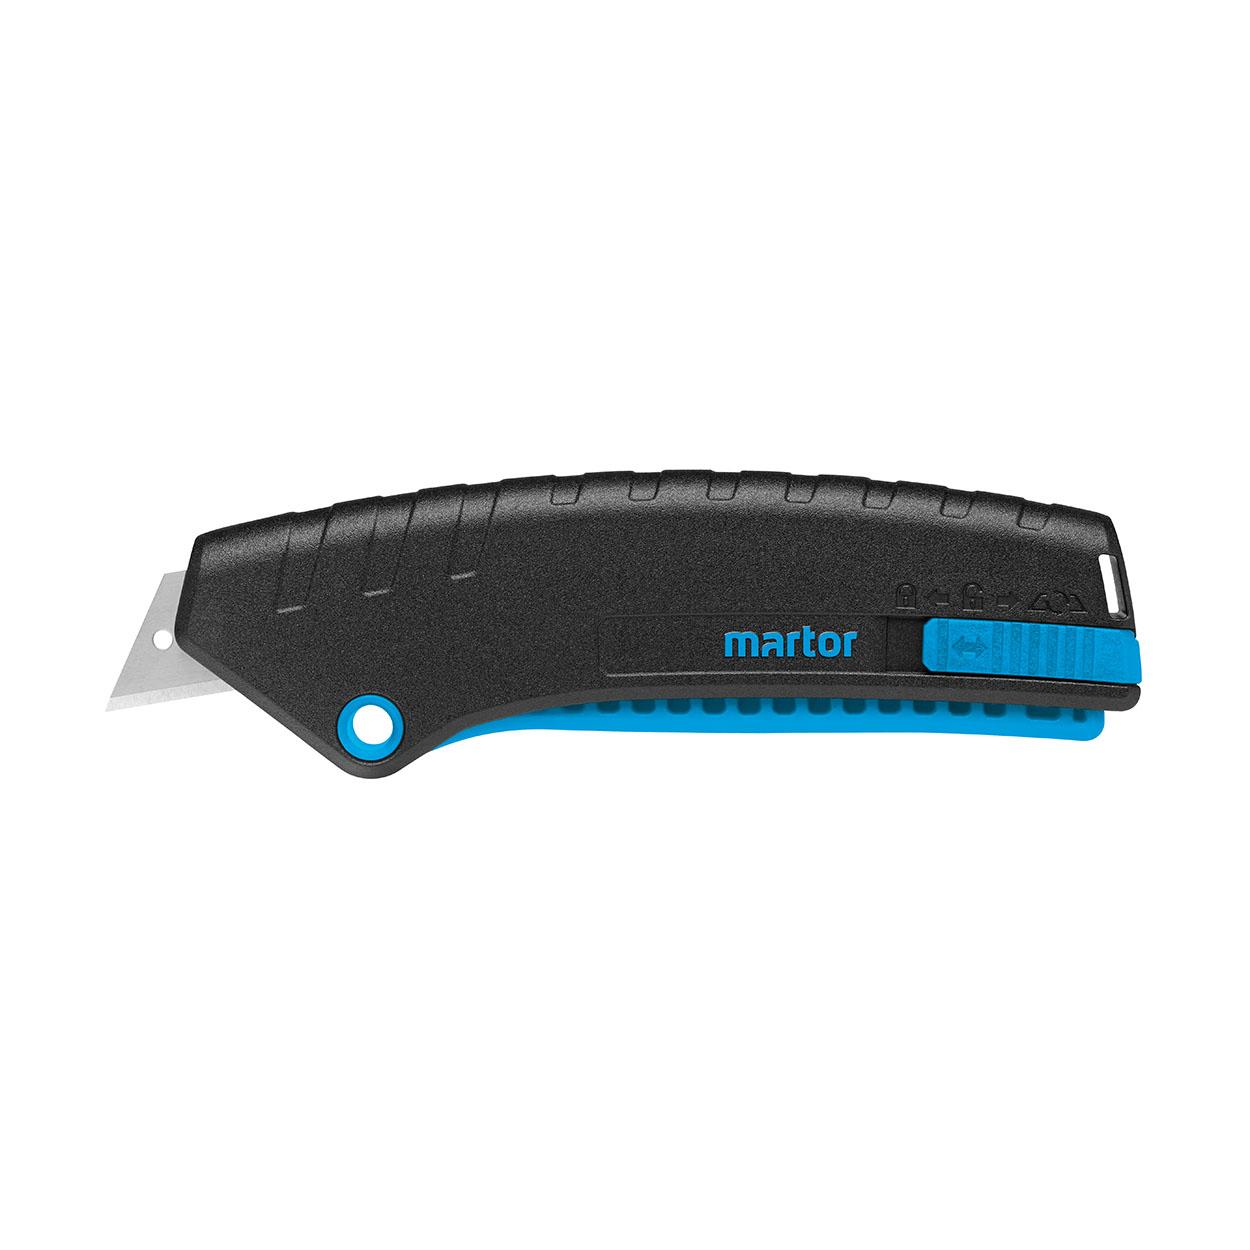 SECUNORM MIZAR - Lekki bezpieczny nóż z mechanizmem dźwignio